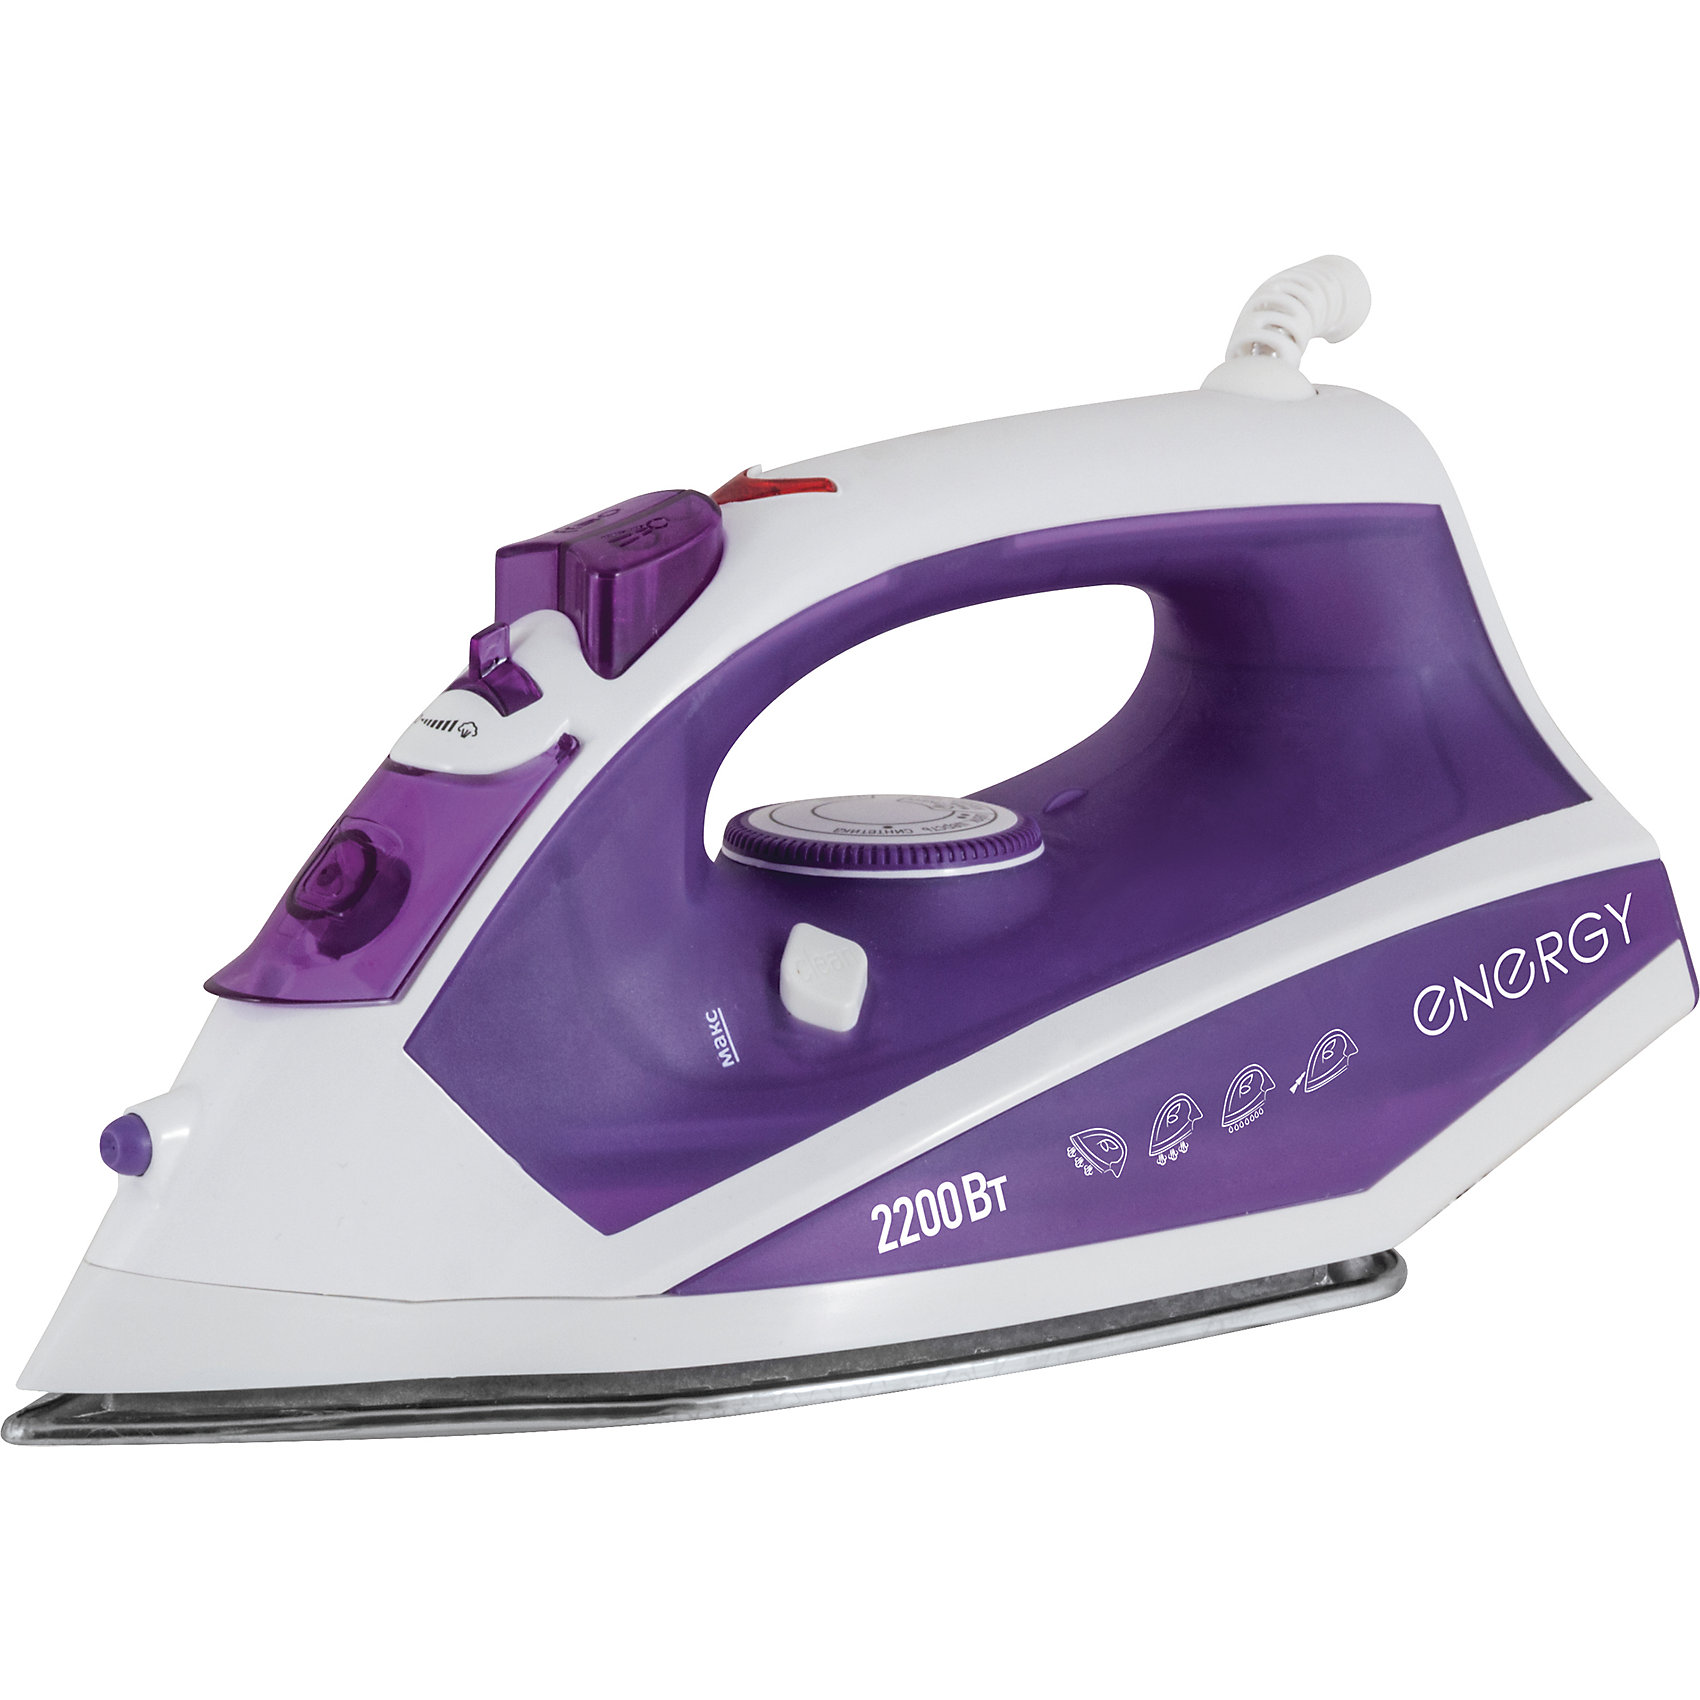 Утюг  EN-308,фиолетовый, ENERGYБытовая техника для кухни<br>Утюг EN-308,фиолетовый, ENERGY (Энерджи)<br><br>Характеристики:<br><br>• подошва из нержавеющей стали<br>• спрей<br>• пар<br>• вертикальный пар<br>• паровой удар<br>• мощность: 2200 Вт<br>• вес: 1,5 кг<br>• цвет: фиолетовый<br><br>С утюгом EN-308 вы всегда будете выглядеть аккуратно и опрятно. Подошва из нержавеющей стали хорошо скользит по ткани. Утюг оснащен всеми необходимыми функциями: пар, спрей, паровой удар и вертикальный пар. После глажки утюг можно оставить в вертикальном положении. Мощность - 2200 Вт.<br><br>Утюг EN-308,фиолетовый, ENERGY (Энерджи) можно купить в нашем интернет-магазине.<br><br>Ширина мм: 290<br>Глубина мм: 120<br>Высота мм: 150<br>Вес г: 1210<br>Возраст от месяцев: 216<br>Возраст до месяцев: 1188<br>Пол: Унисекс<br>Возраст: Детский<br>SKU: 5454030